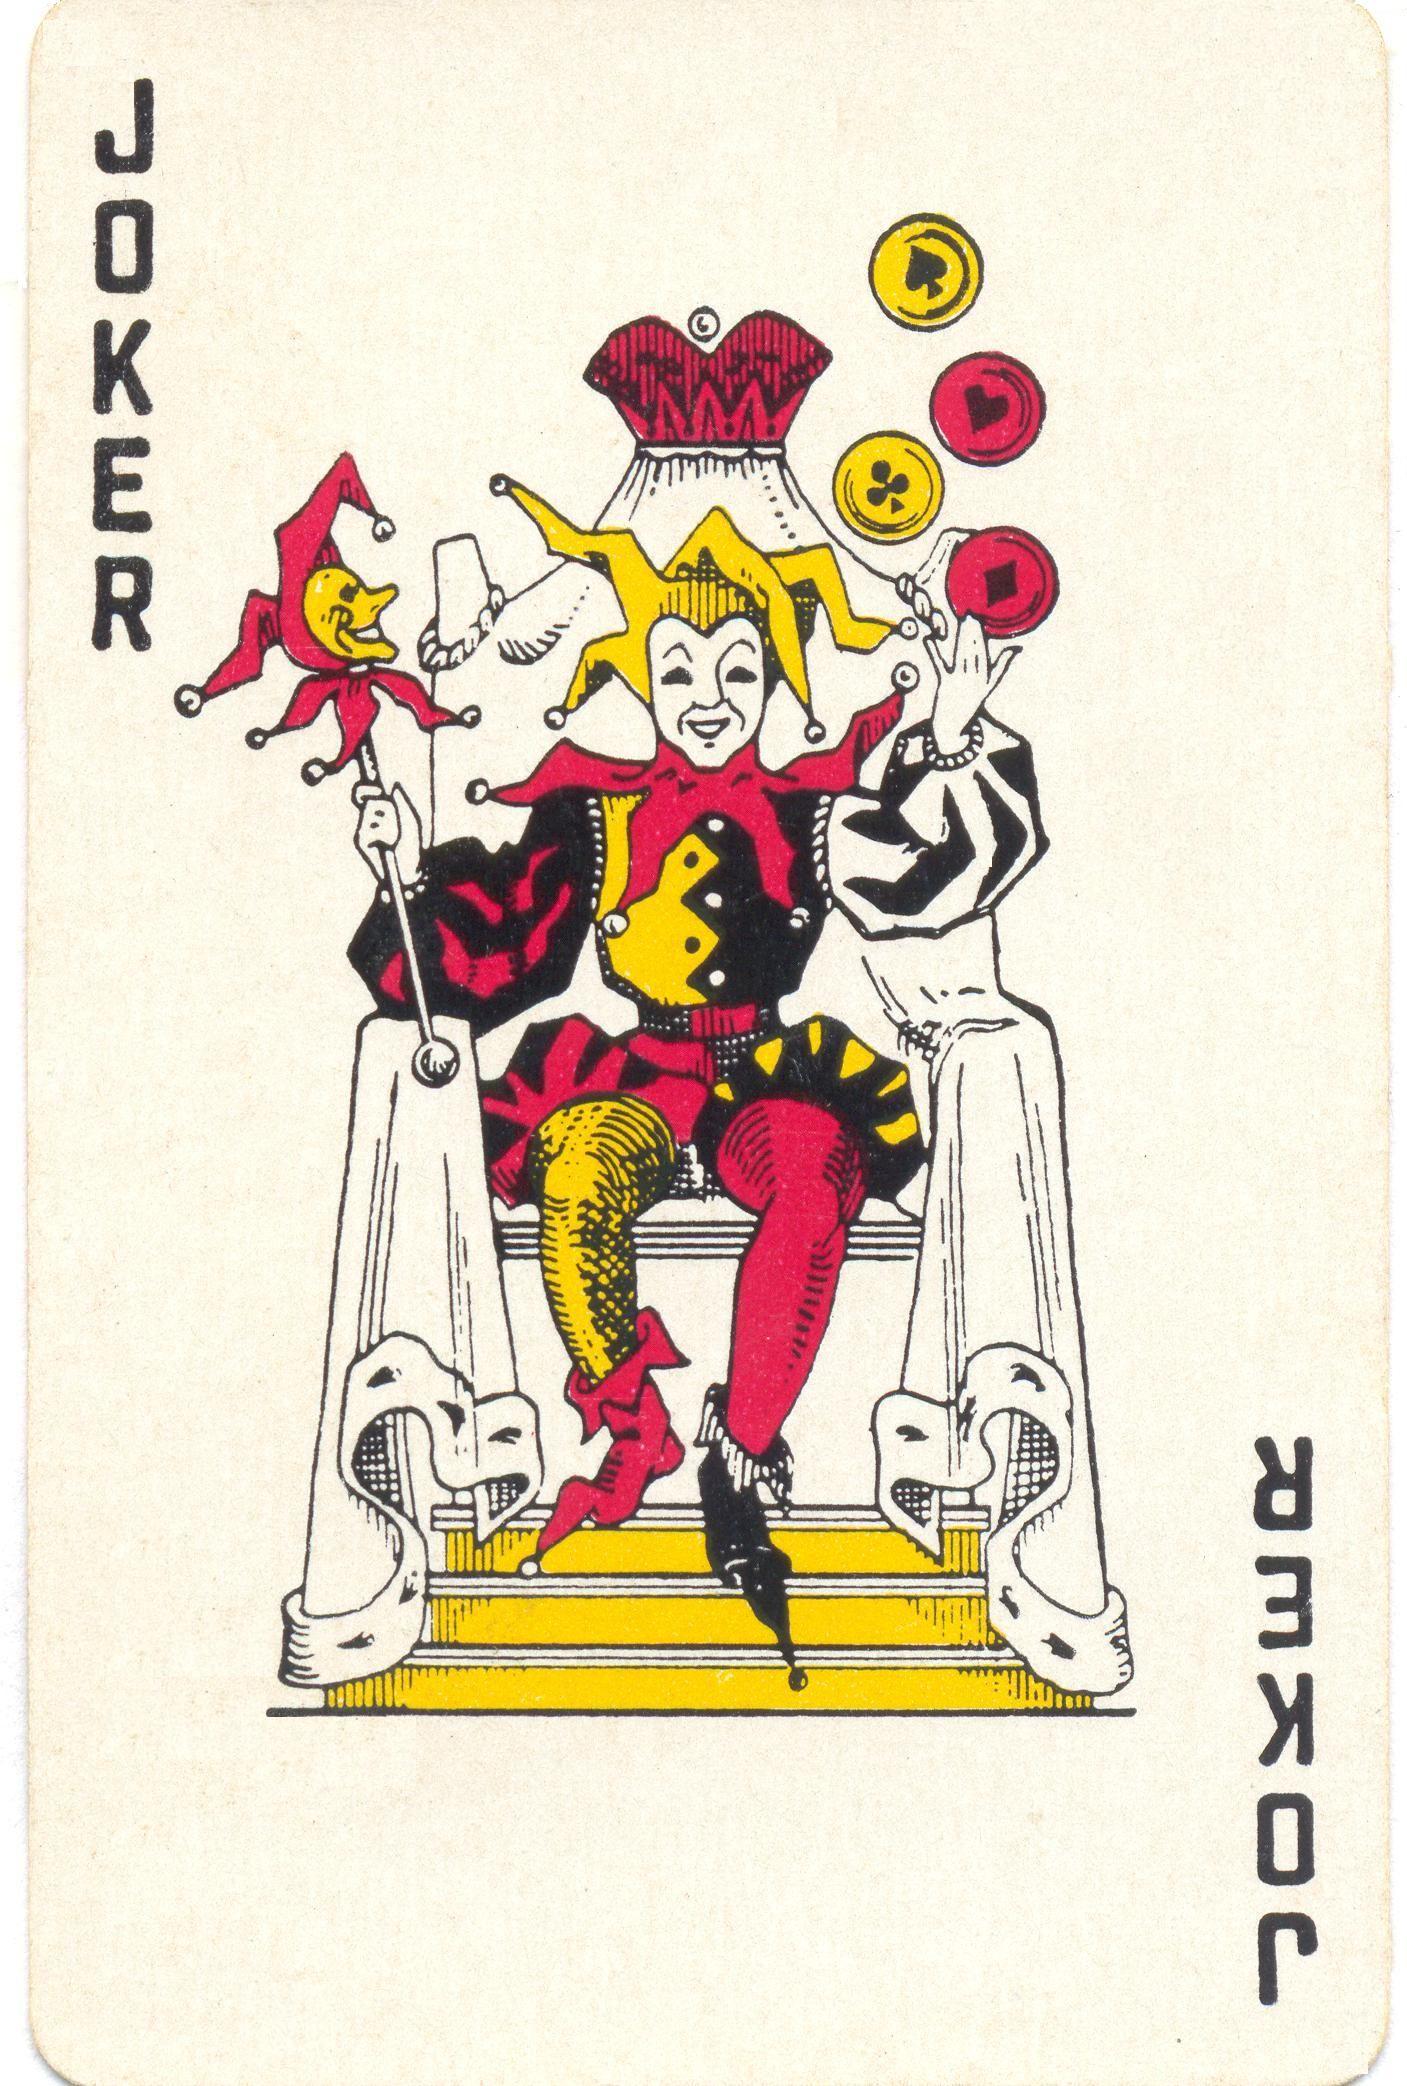 Karte Joker